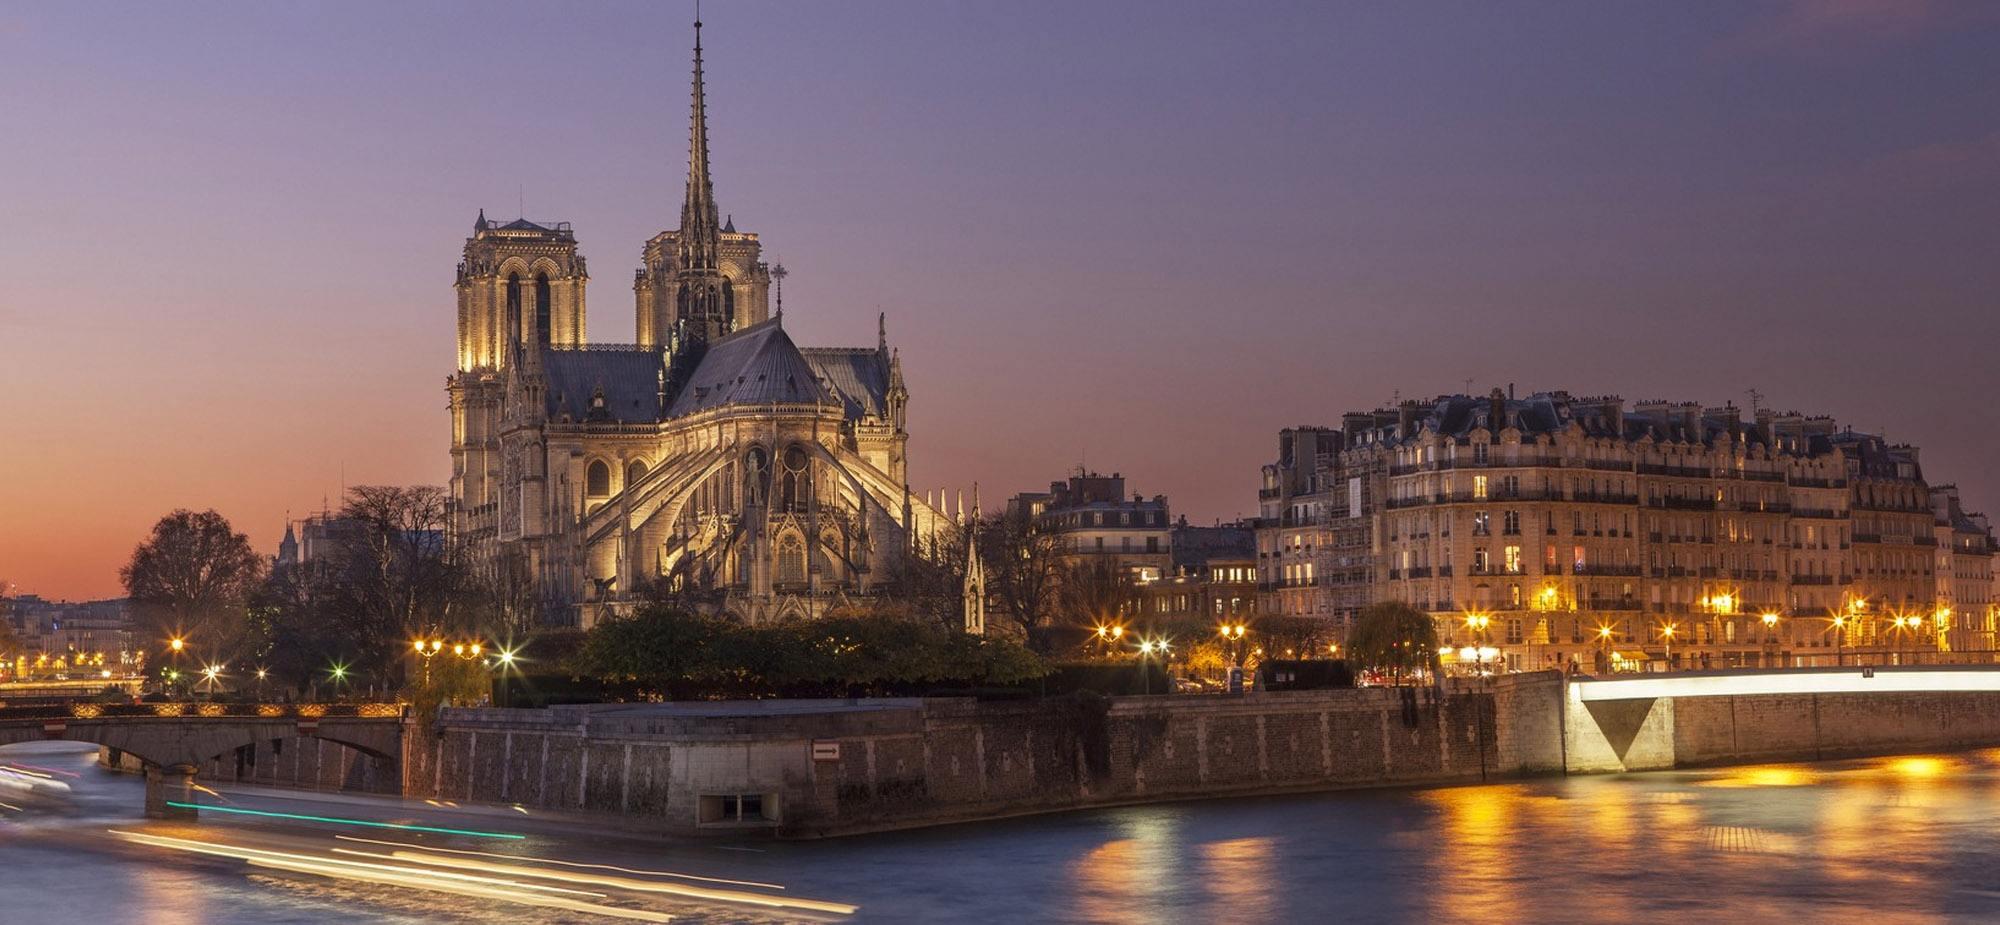 Париж с сильвией сайнт фото 627-331